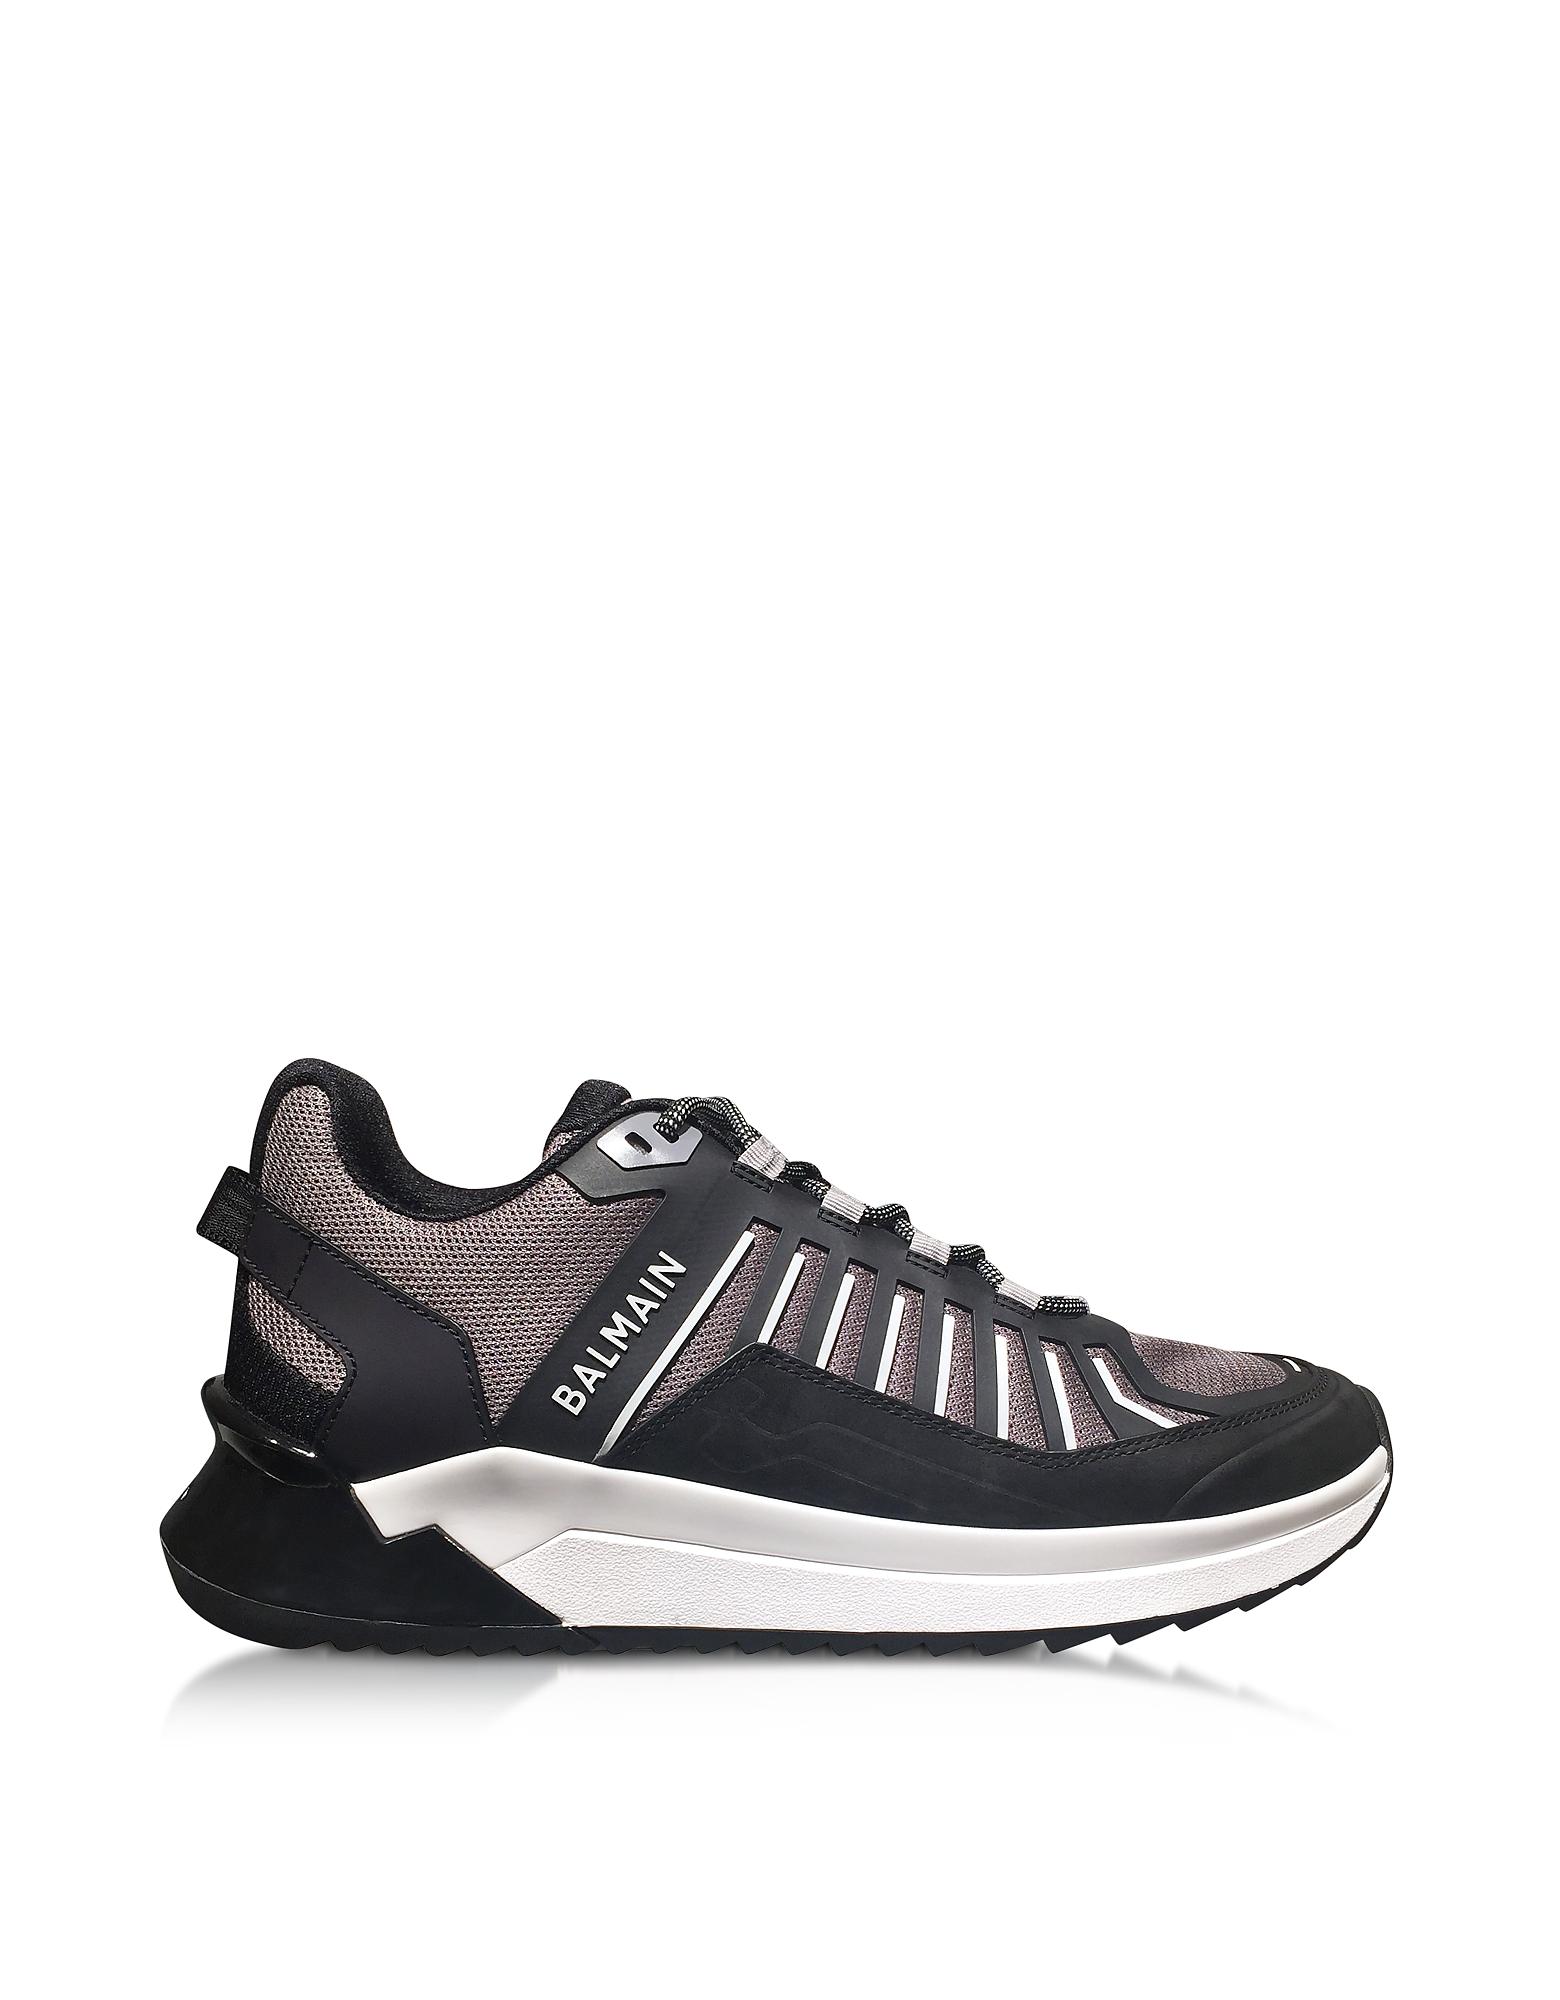 Balmain Designer Shoes, Black & Gray Low Top Men's B-Trail Sneakers